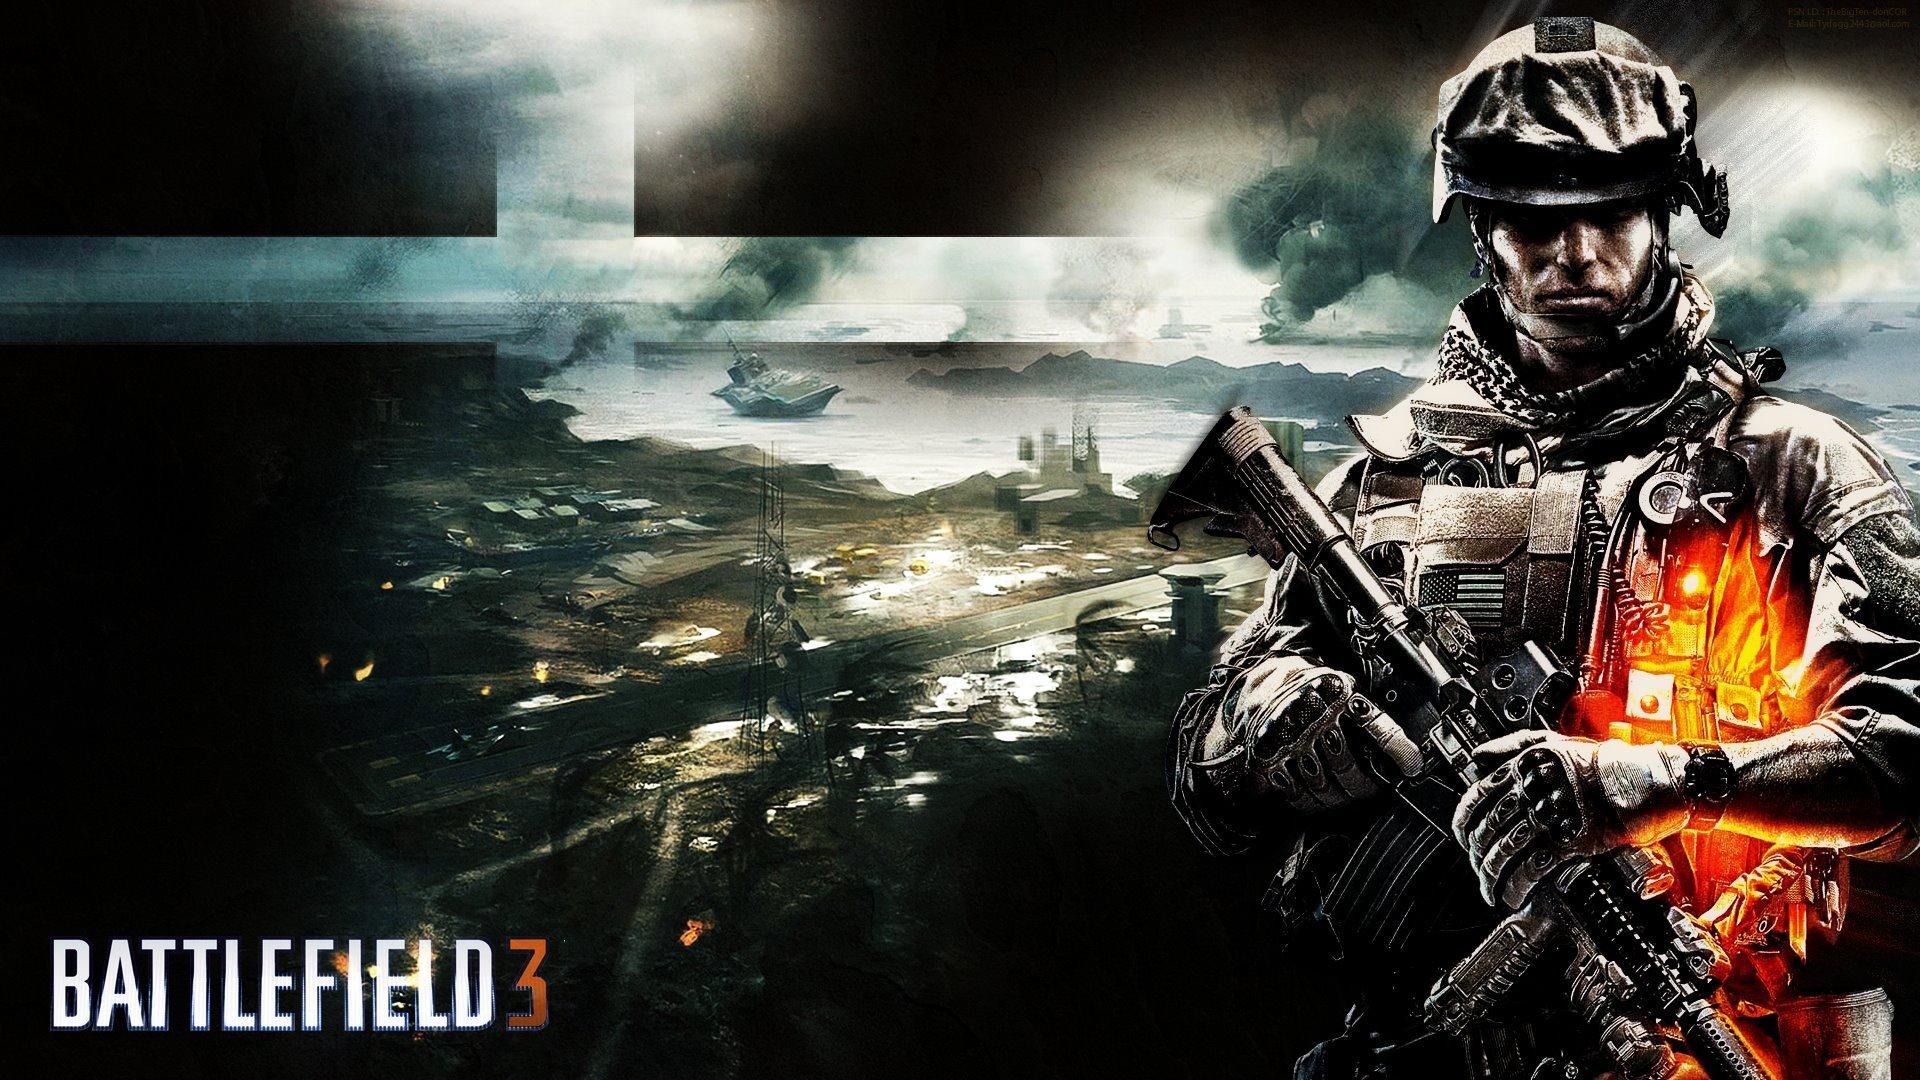 Battlefield 3 B2K Wallpapers HD Wallpapers 1920x1080